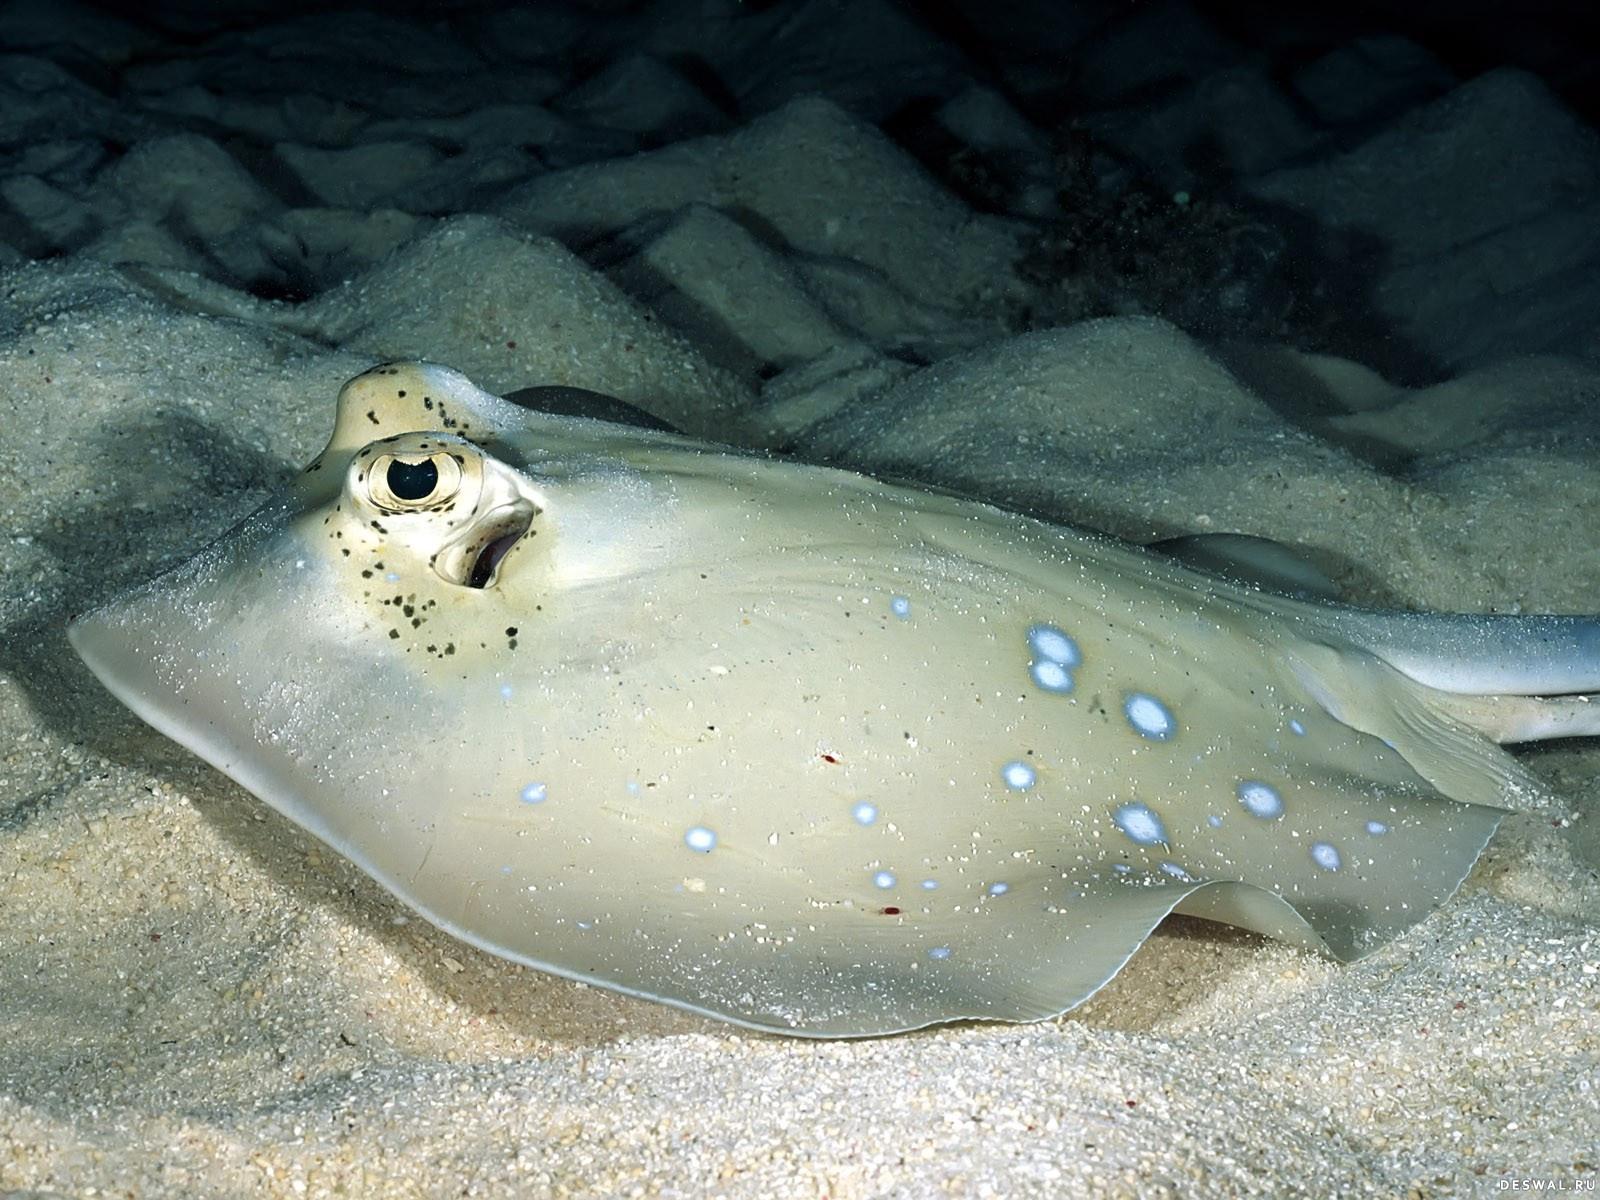 Фото 70. Нажмите на картинку с обоями подводного мира, чтобы просмотреть ее в реальном размере